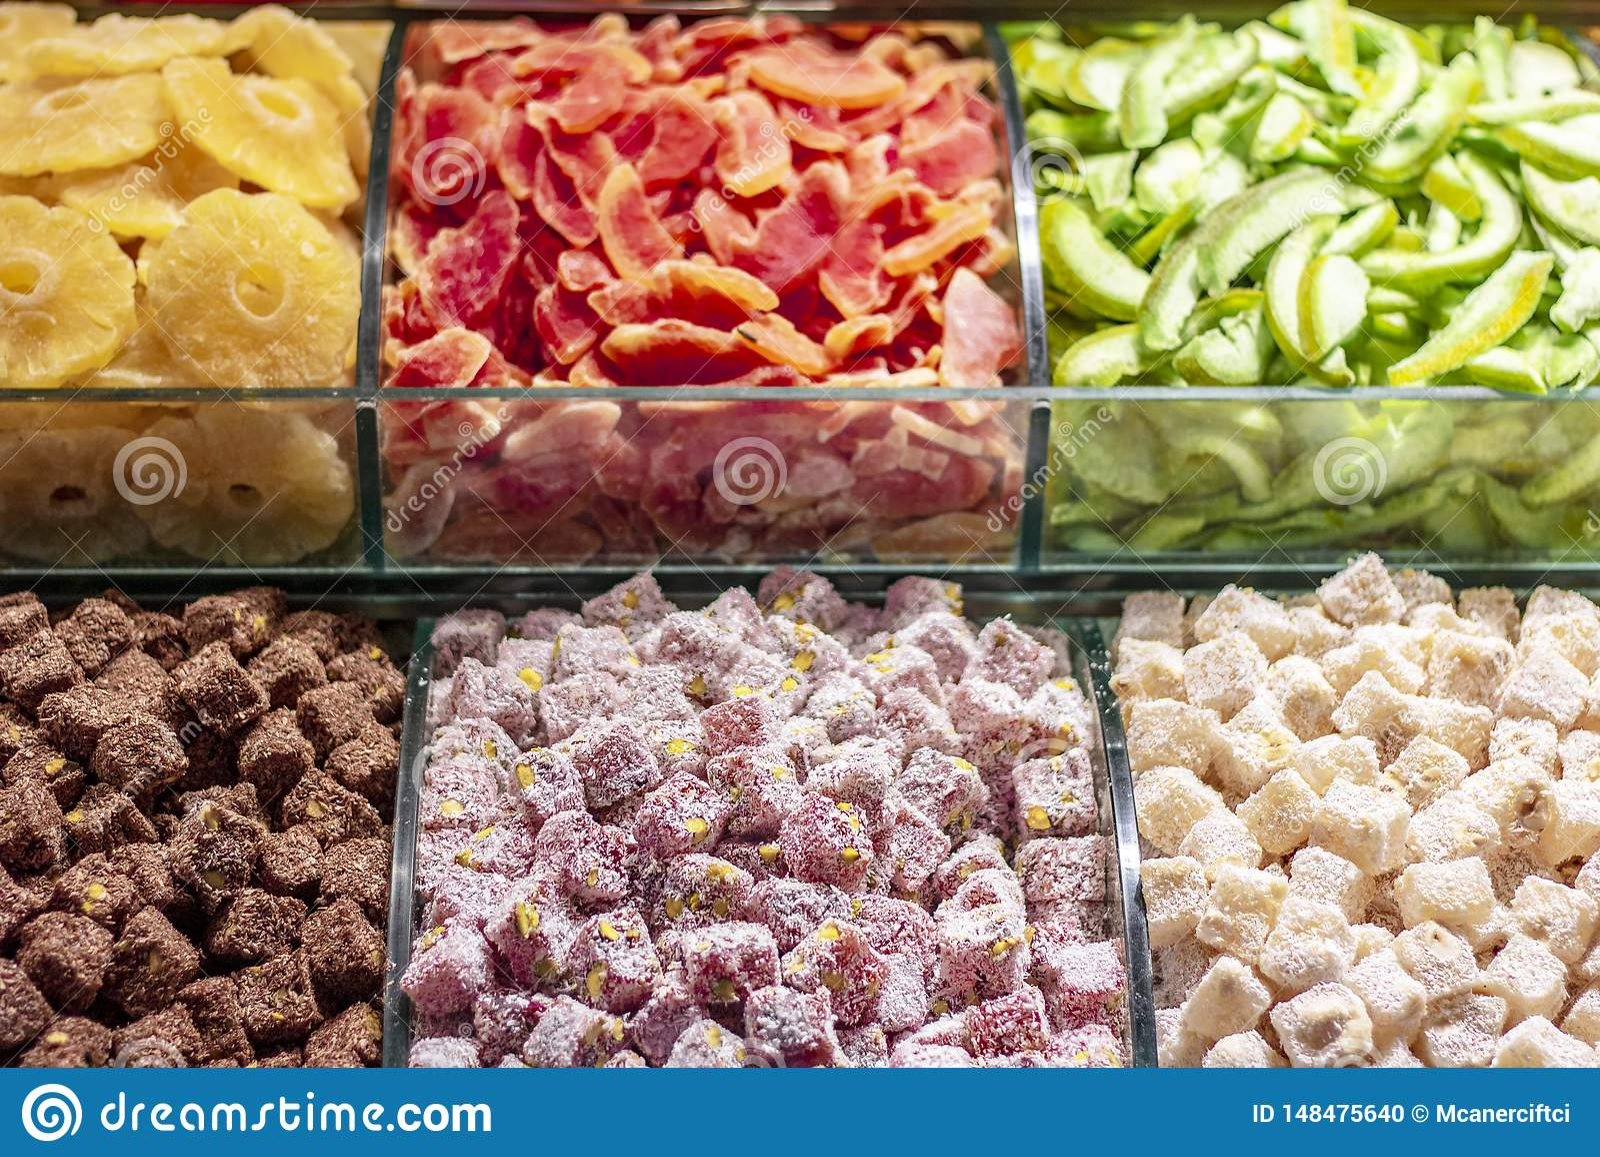 Frutas secadas y placer turco en el banco de trabajo